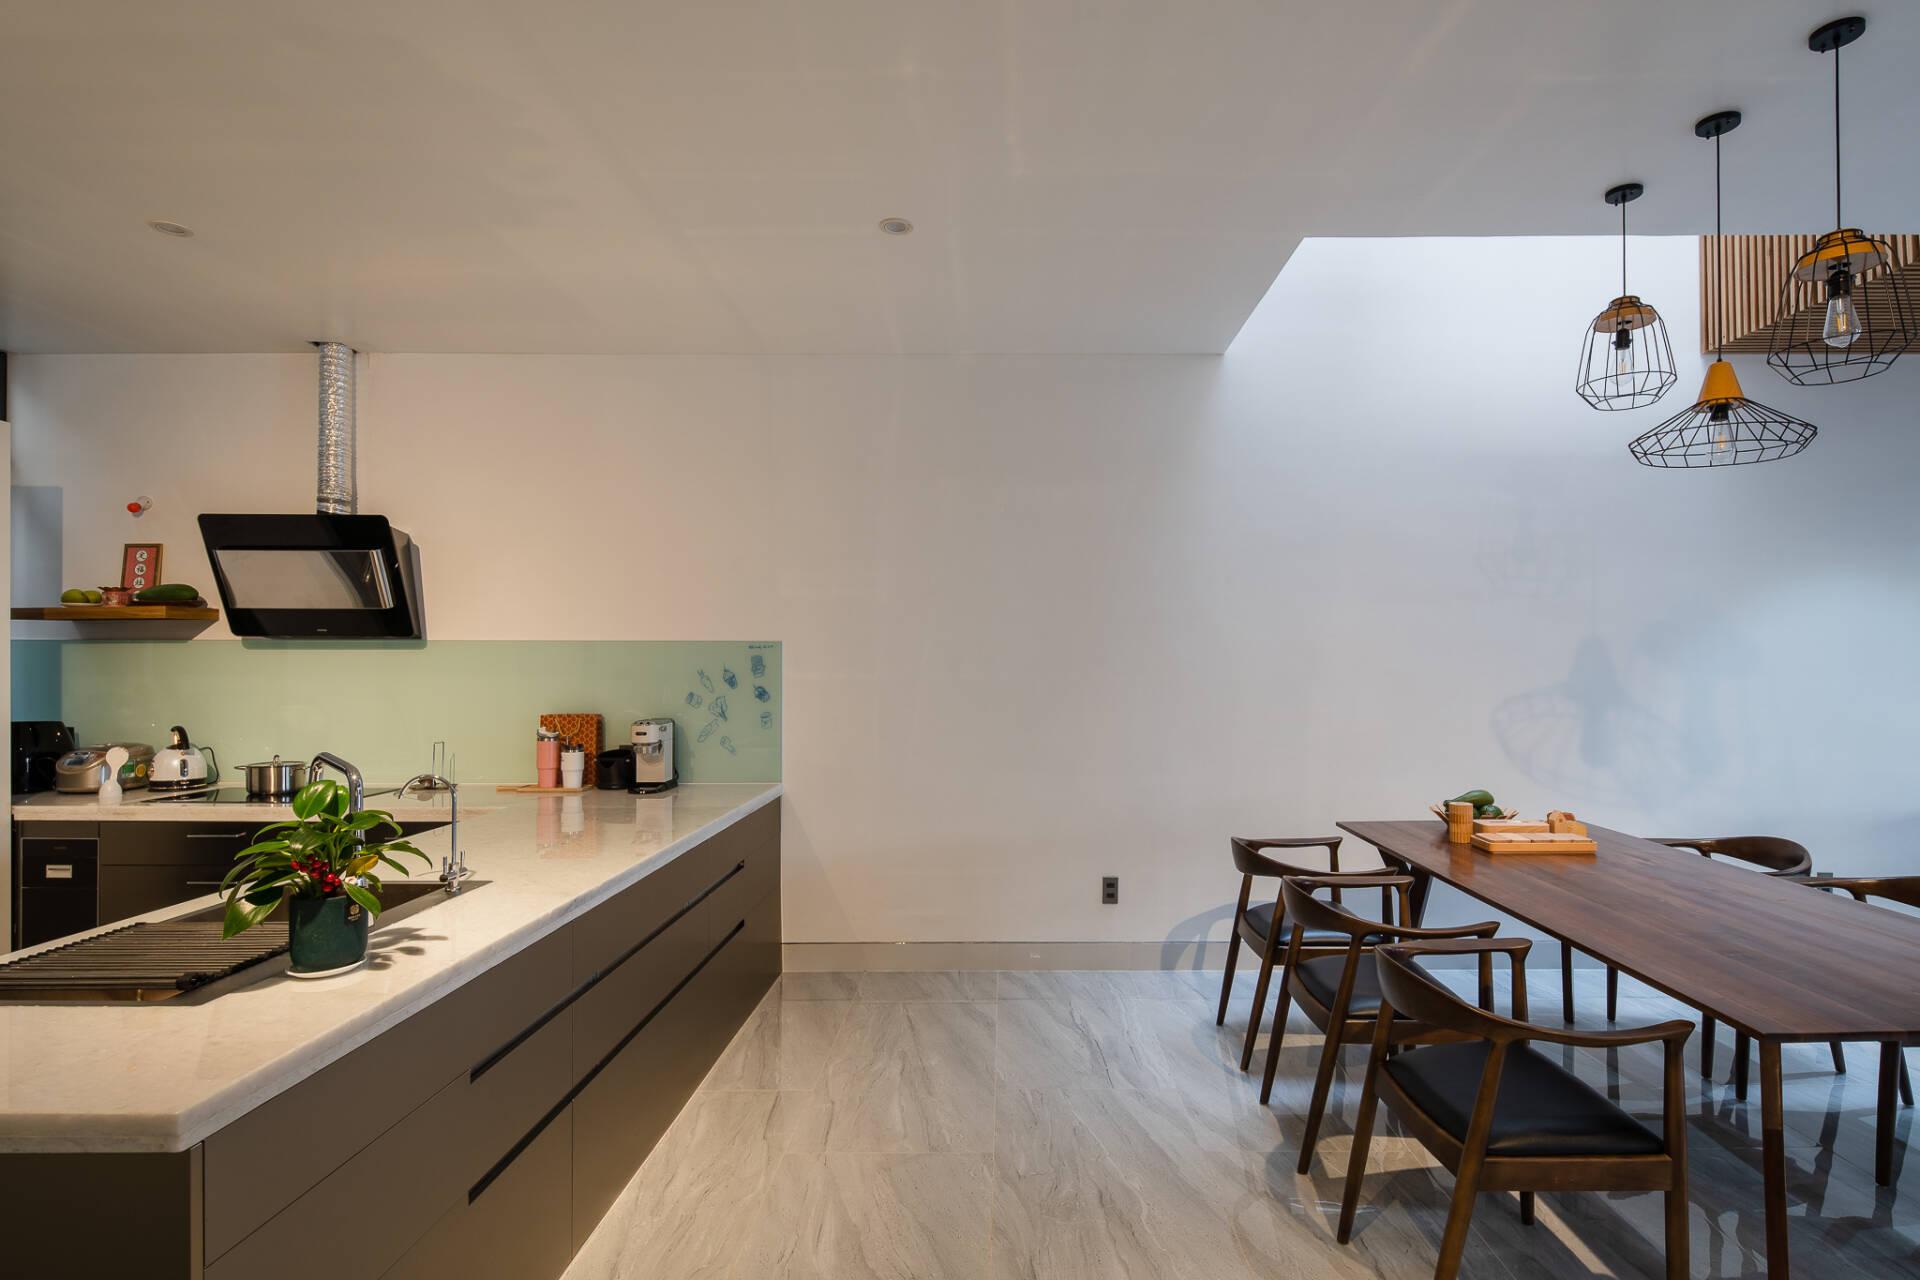 Bếp và bàn ăn thoáng sáng với khoảng thông tầng